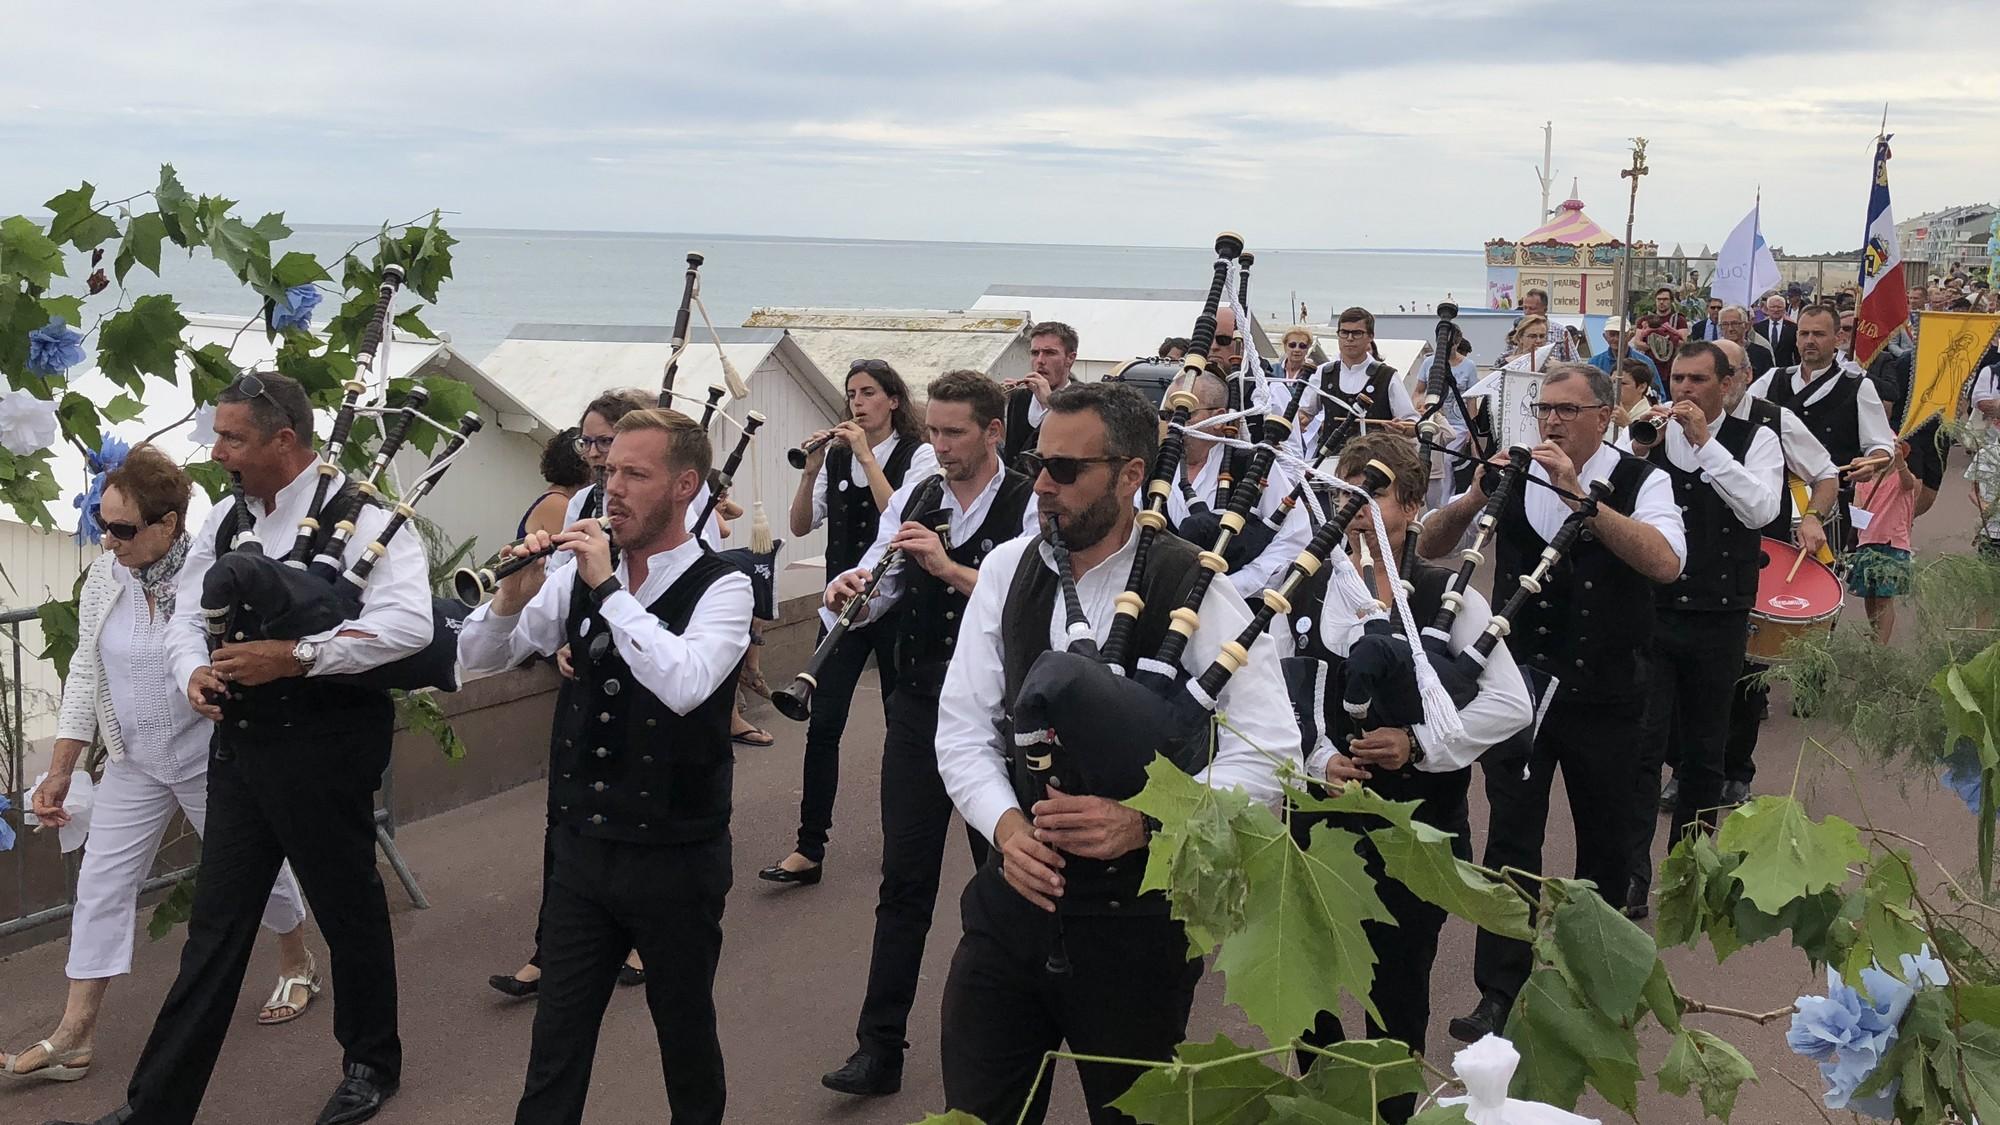 Bagad de Nantes - Fête de la Mer 2018